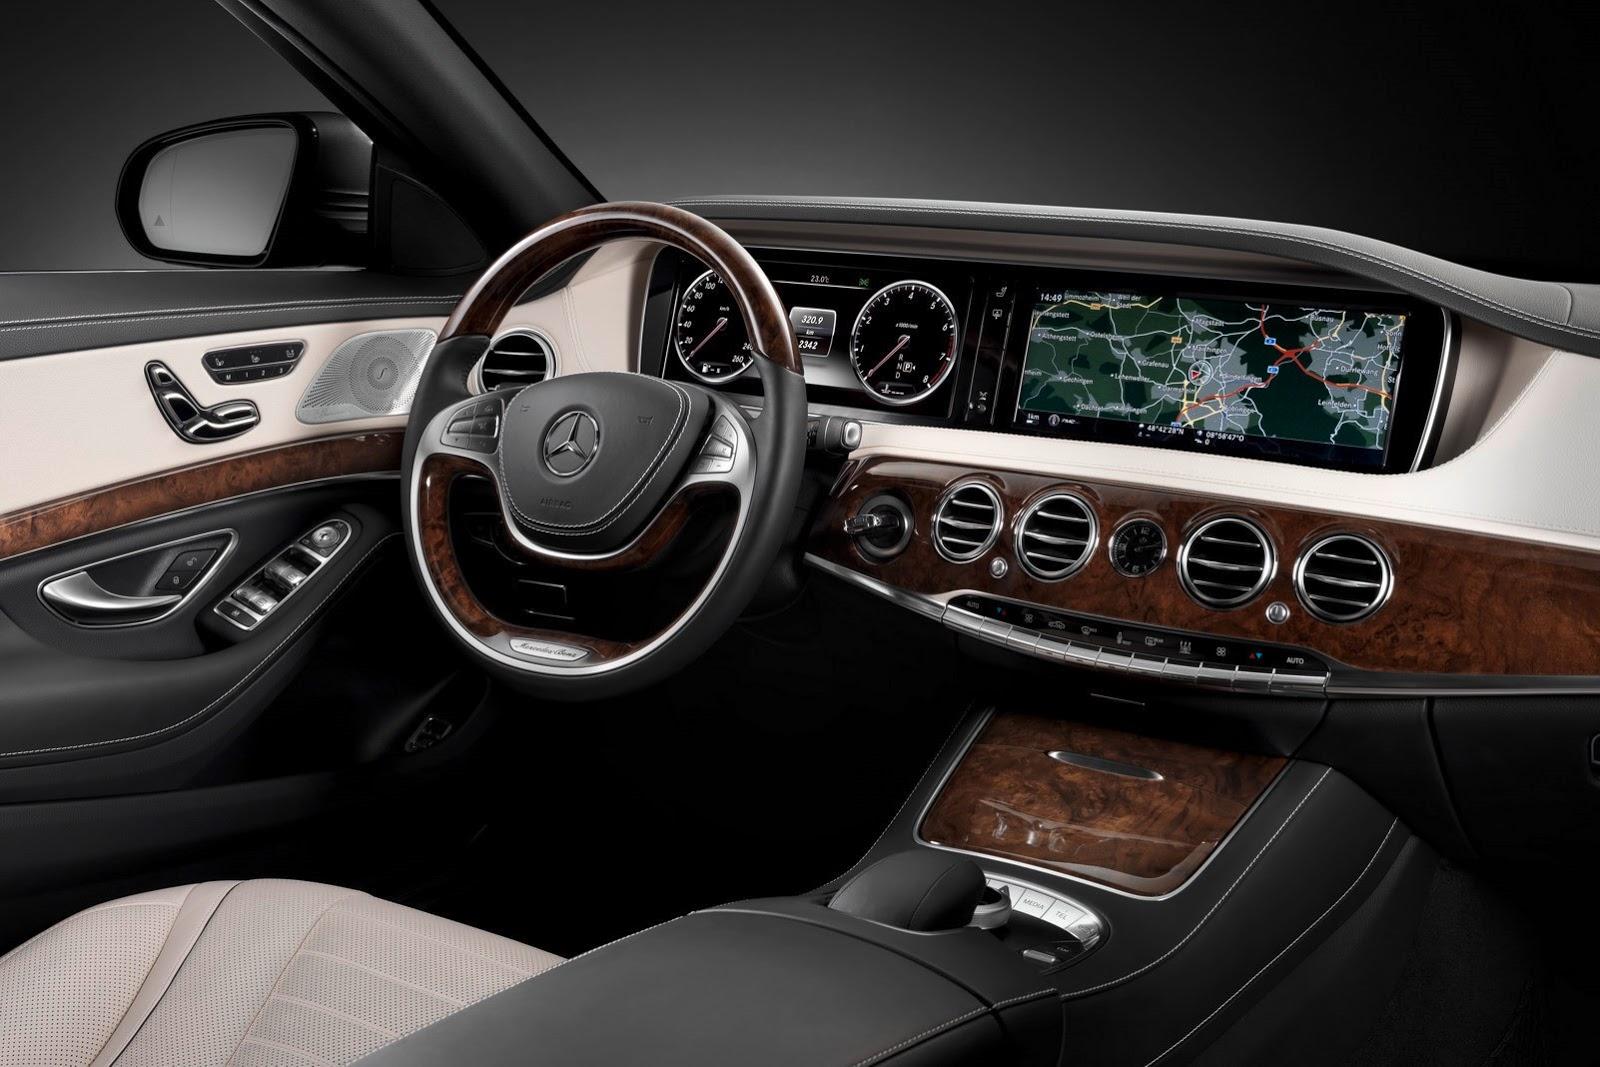 台灣賓士公布全新大改款 Mercedes-Benz S-Class售價,458~752 萬元起!口袋沒有點料還真的別想入主...